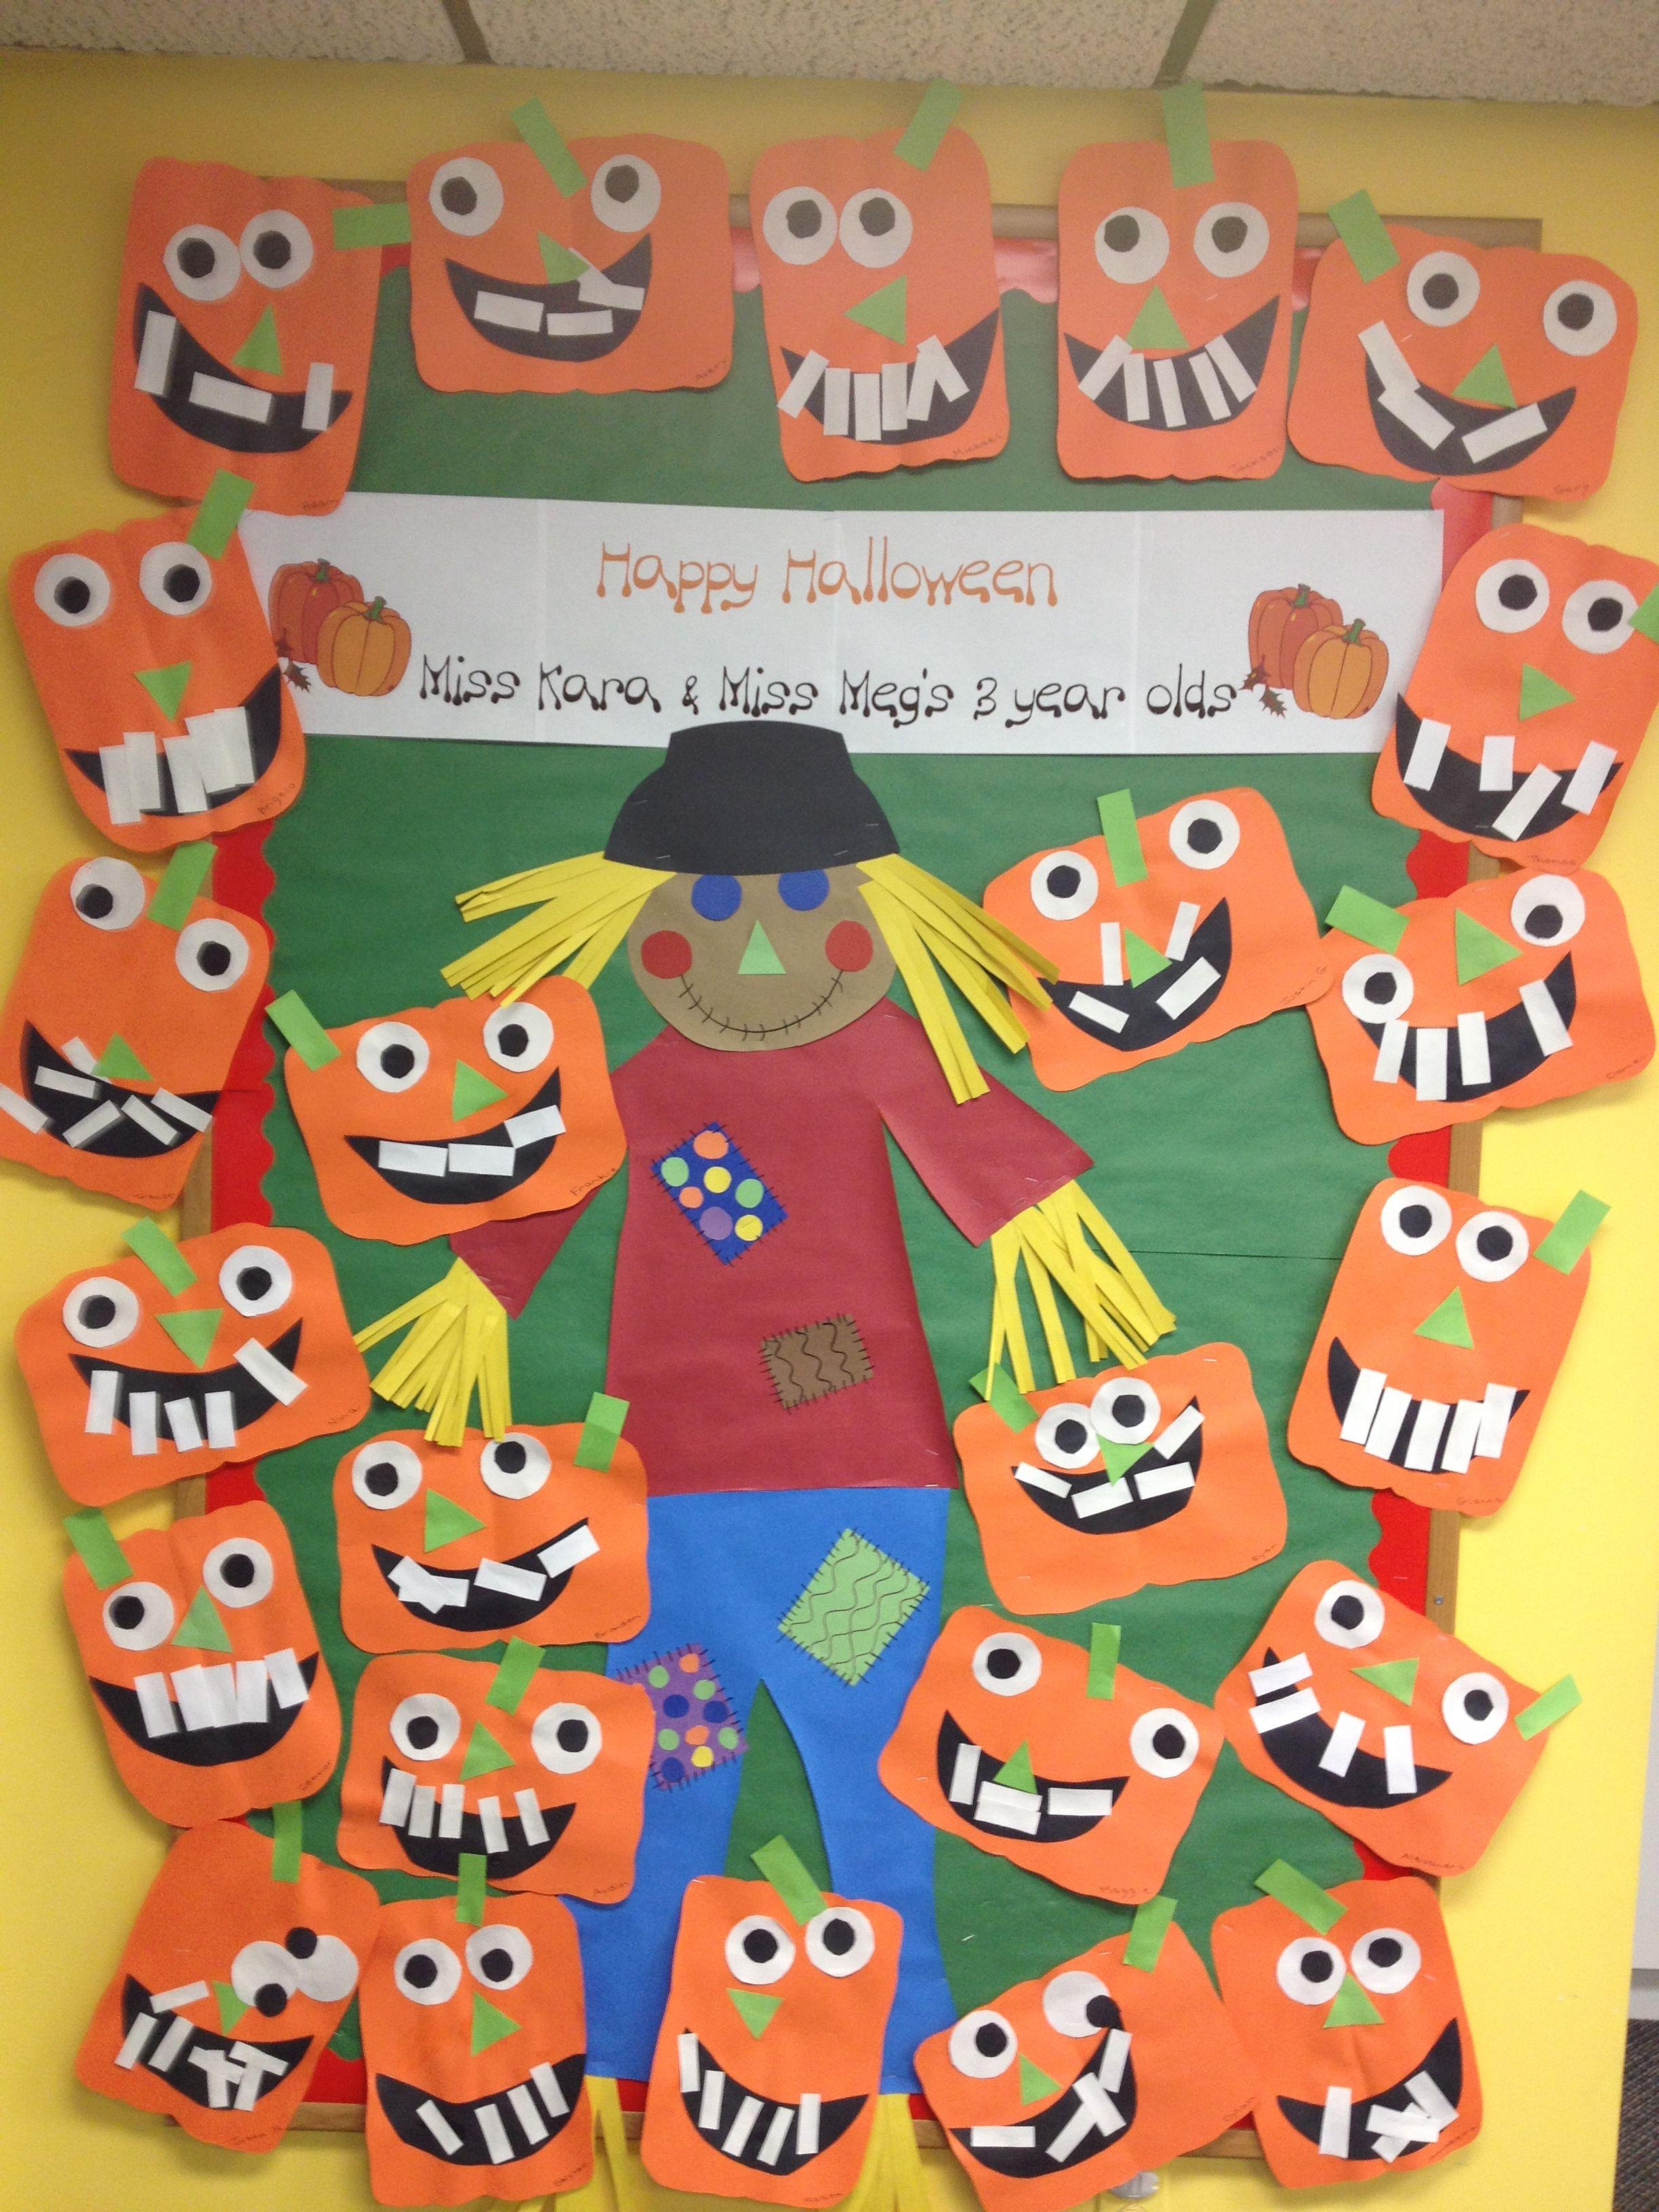 Preschool Bulletin Board Idea For Halloween